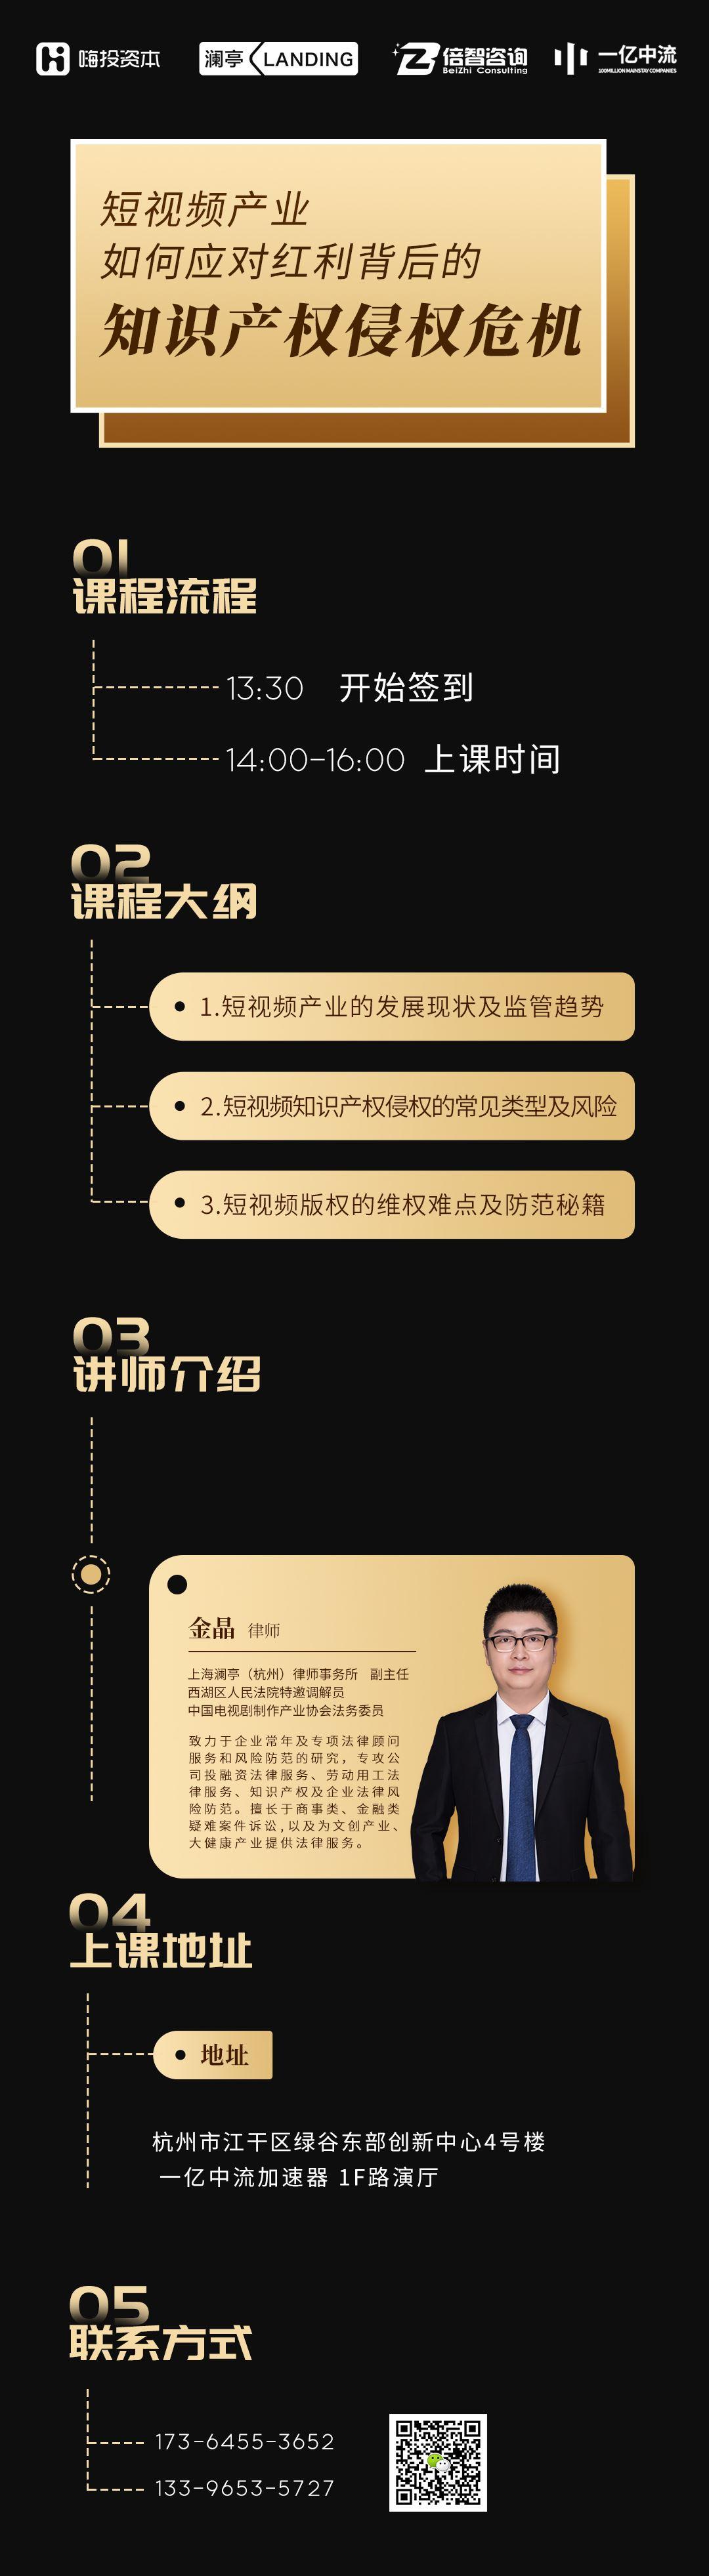 5.14金主任短视频产业课程长图.jpg